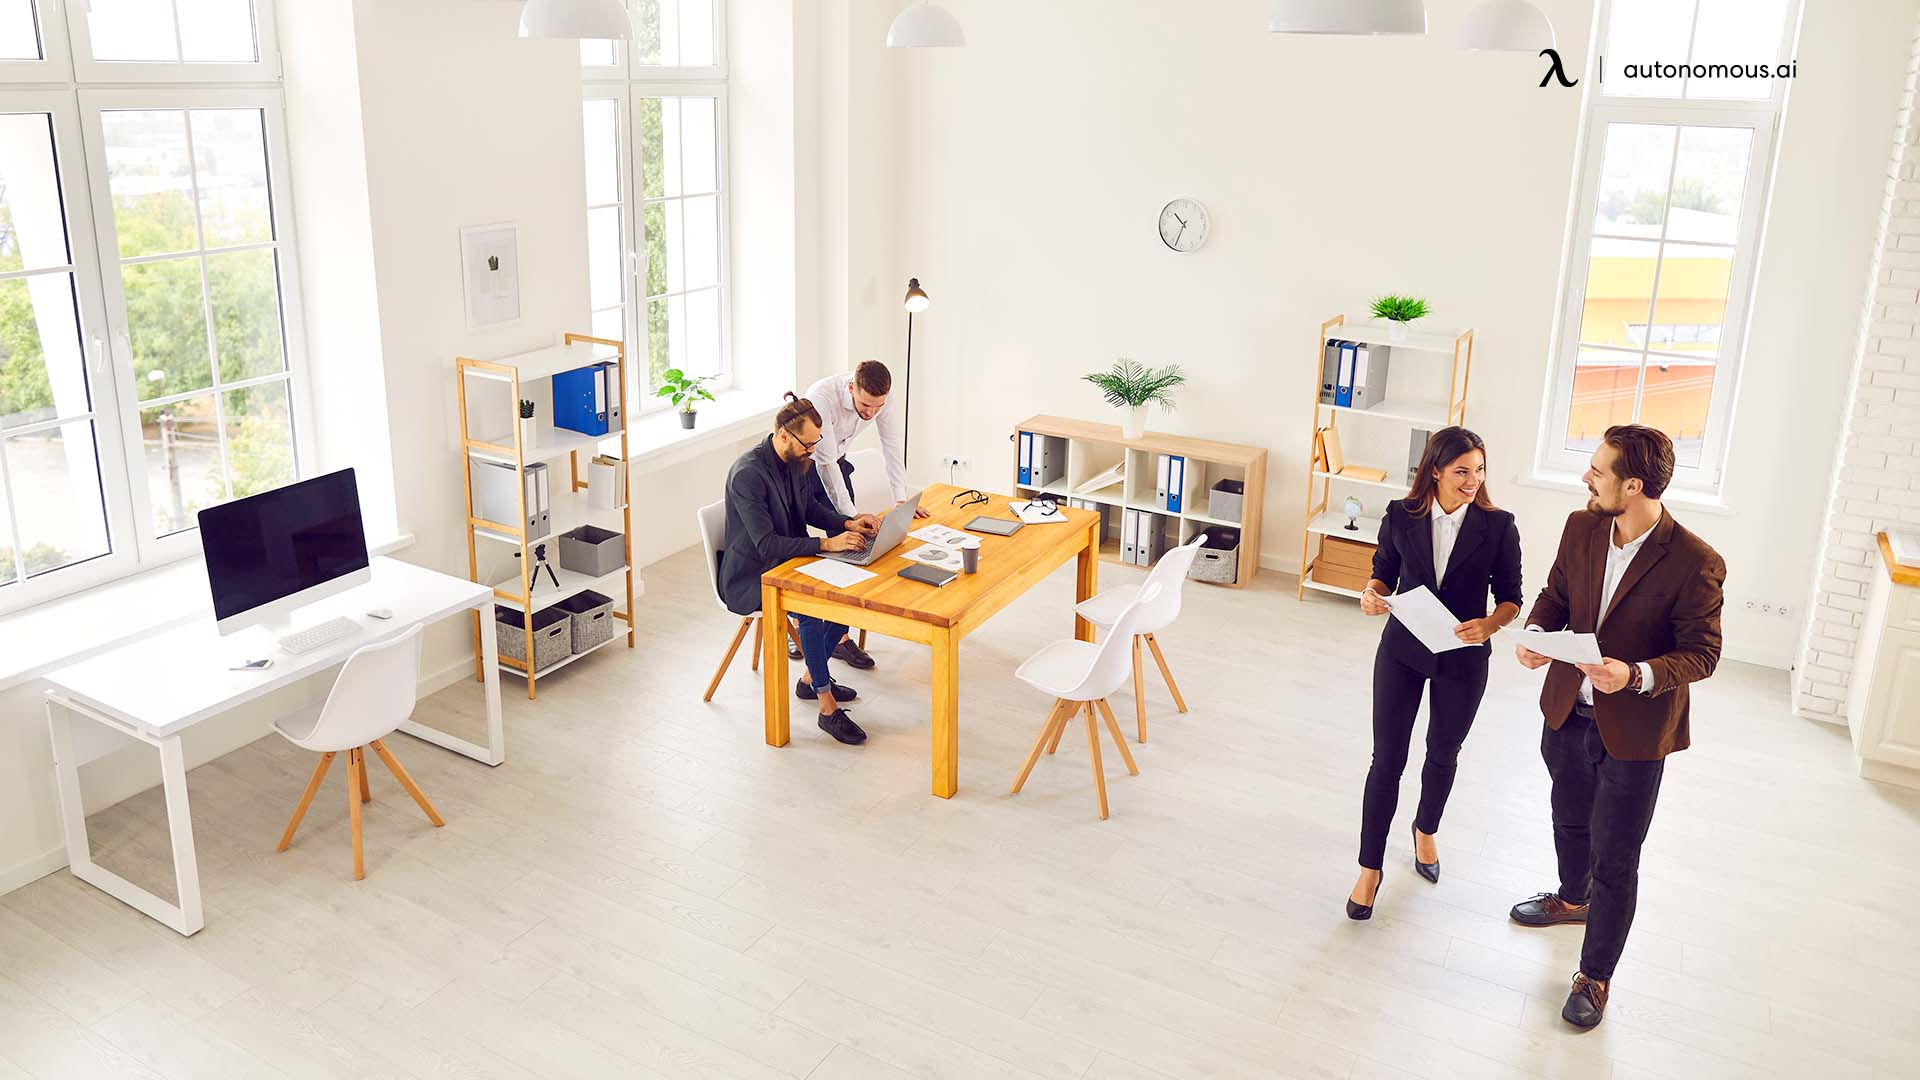 Designing a Hybrid Training Method for an Organization